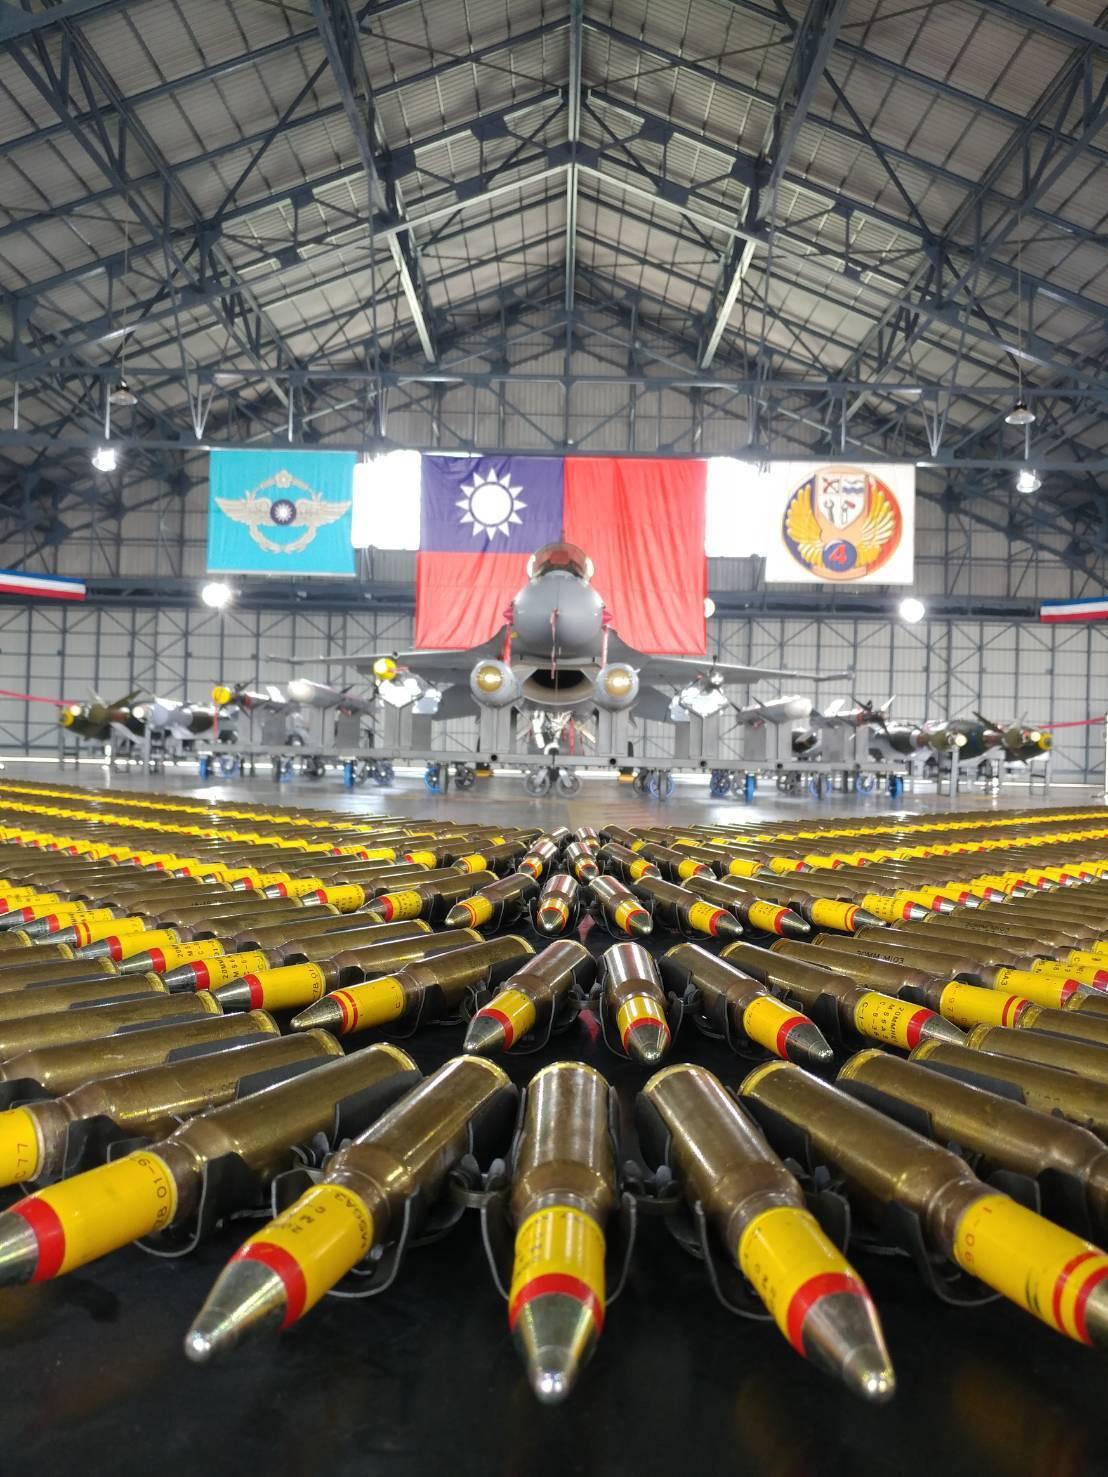 國軍109年春節加強戰備,國軍新購的F-16V,與飛彈、導彈、機槍子彈一同陳列,...